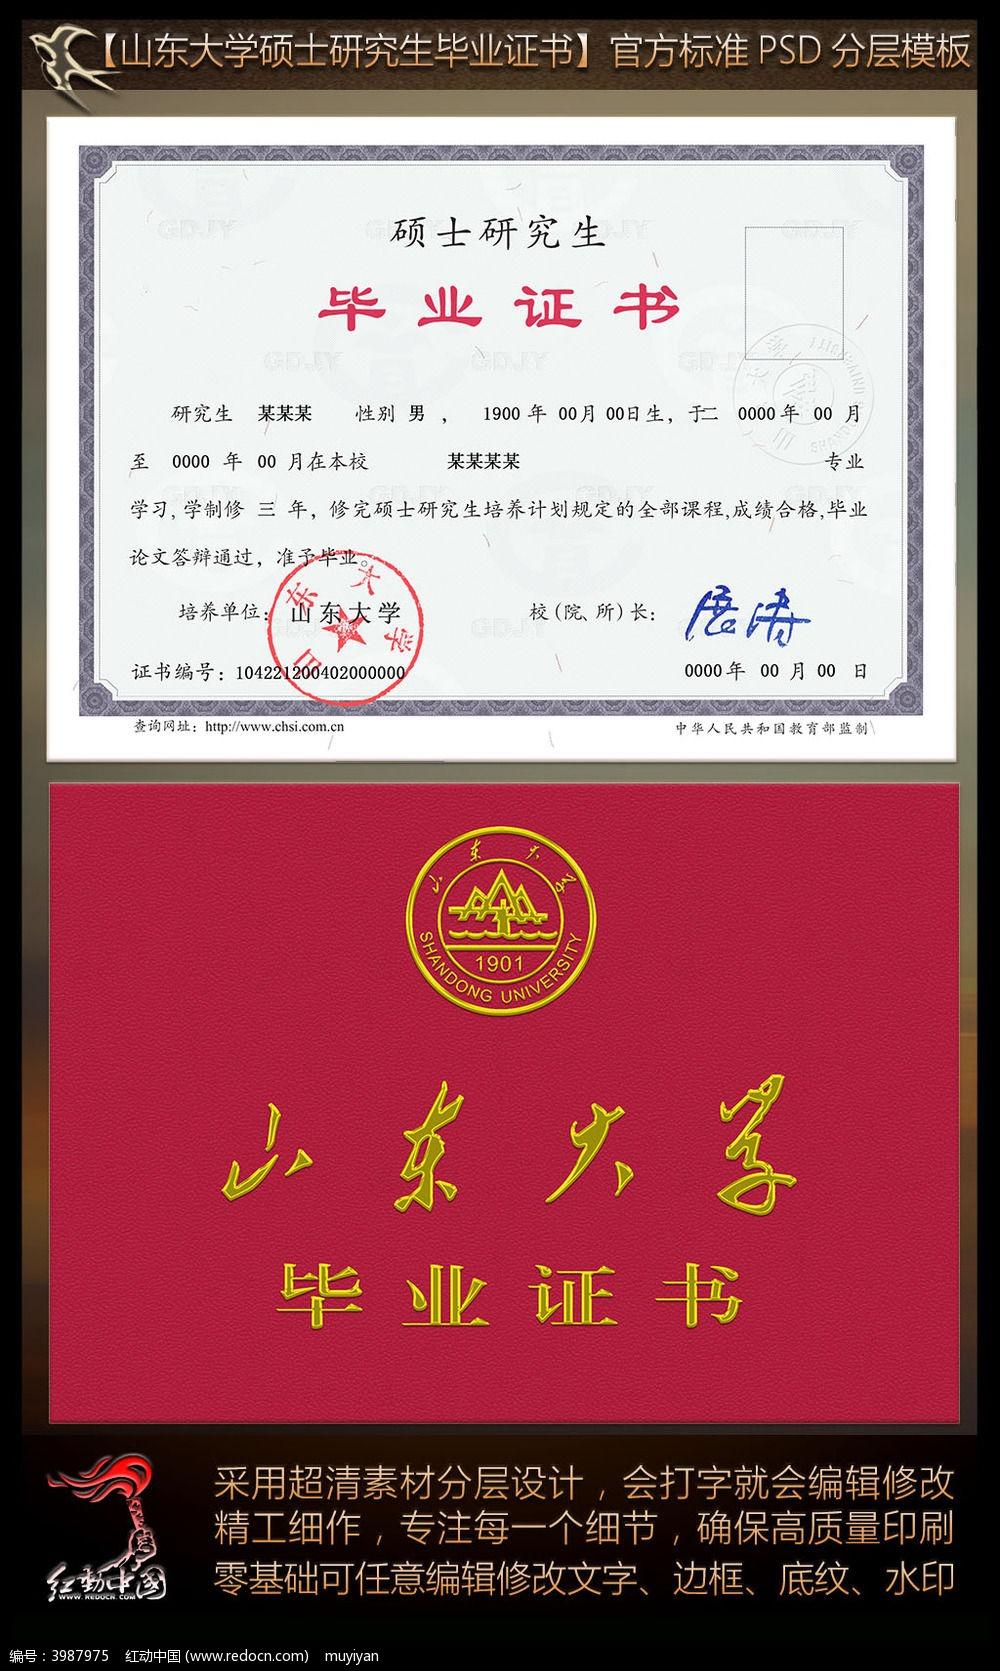 山东大学硕士研究生毕业证书模板